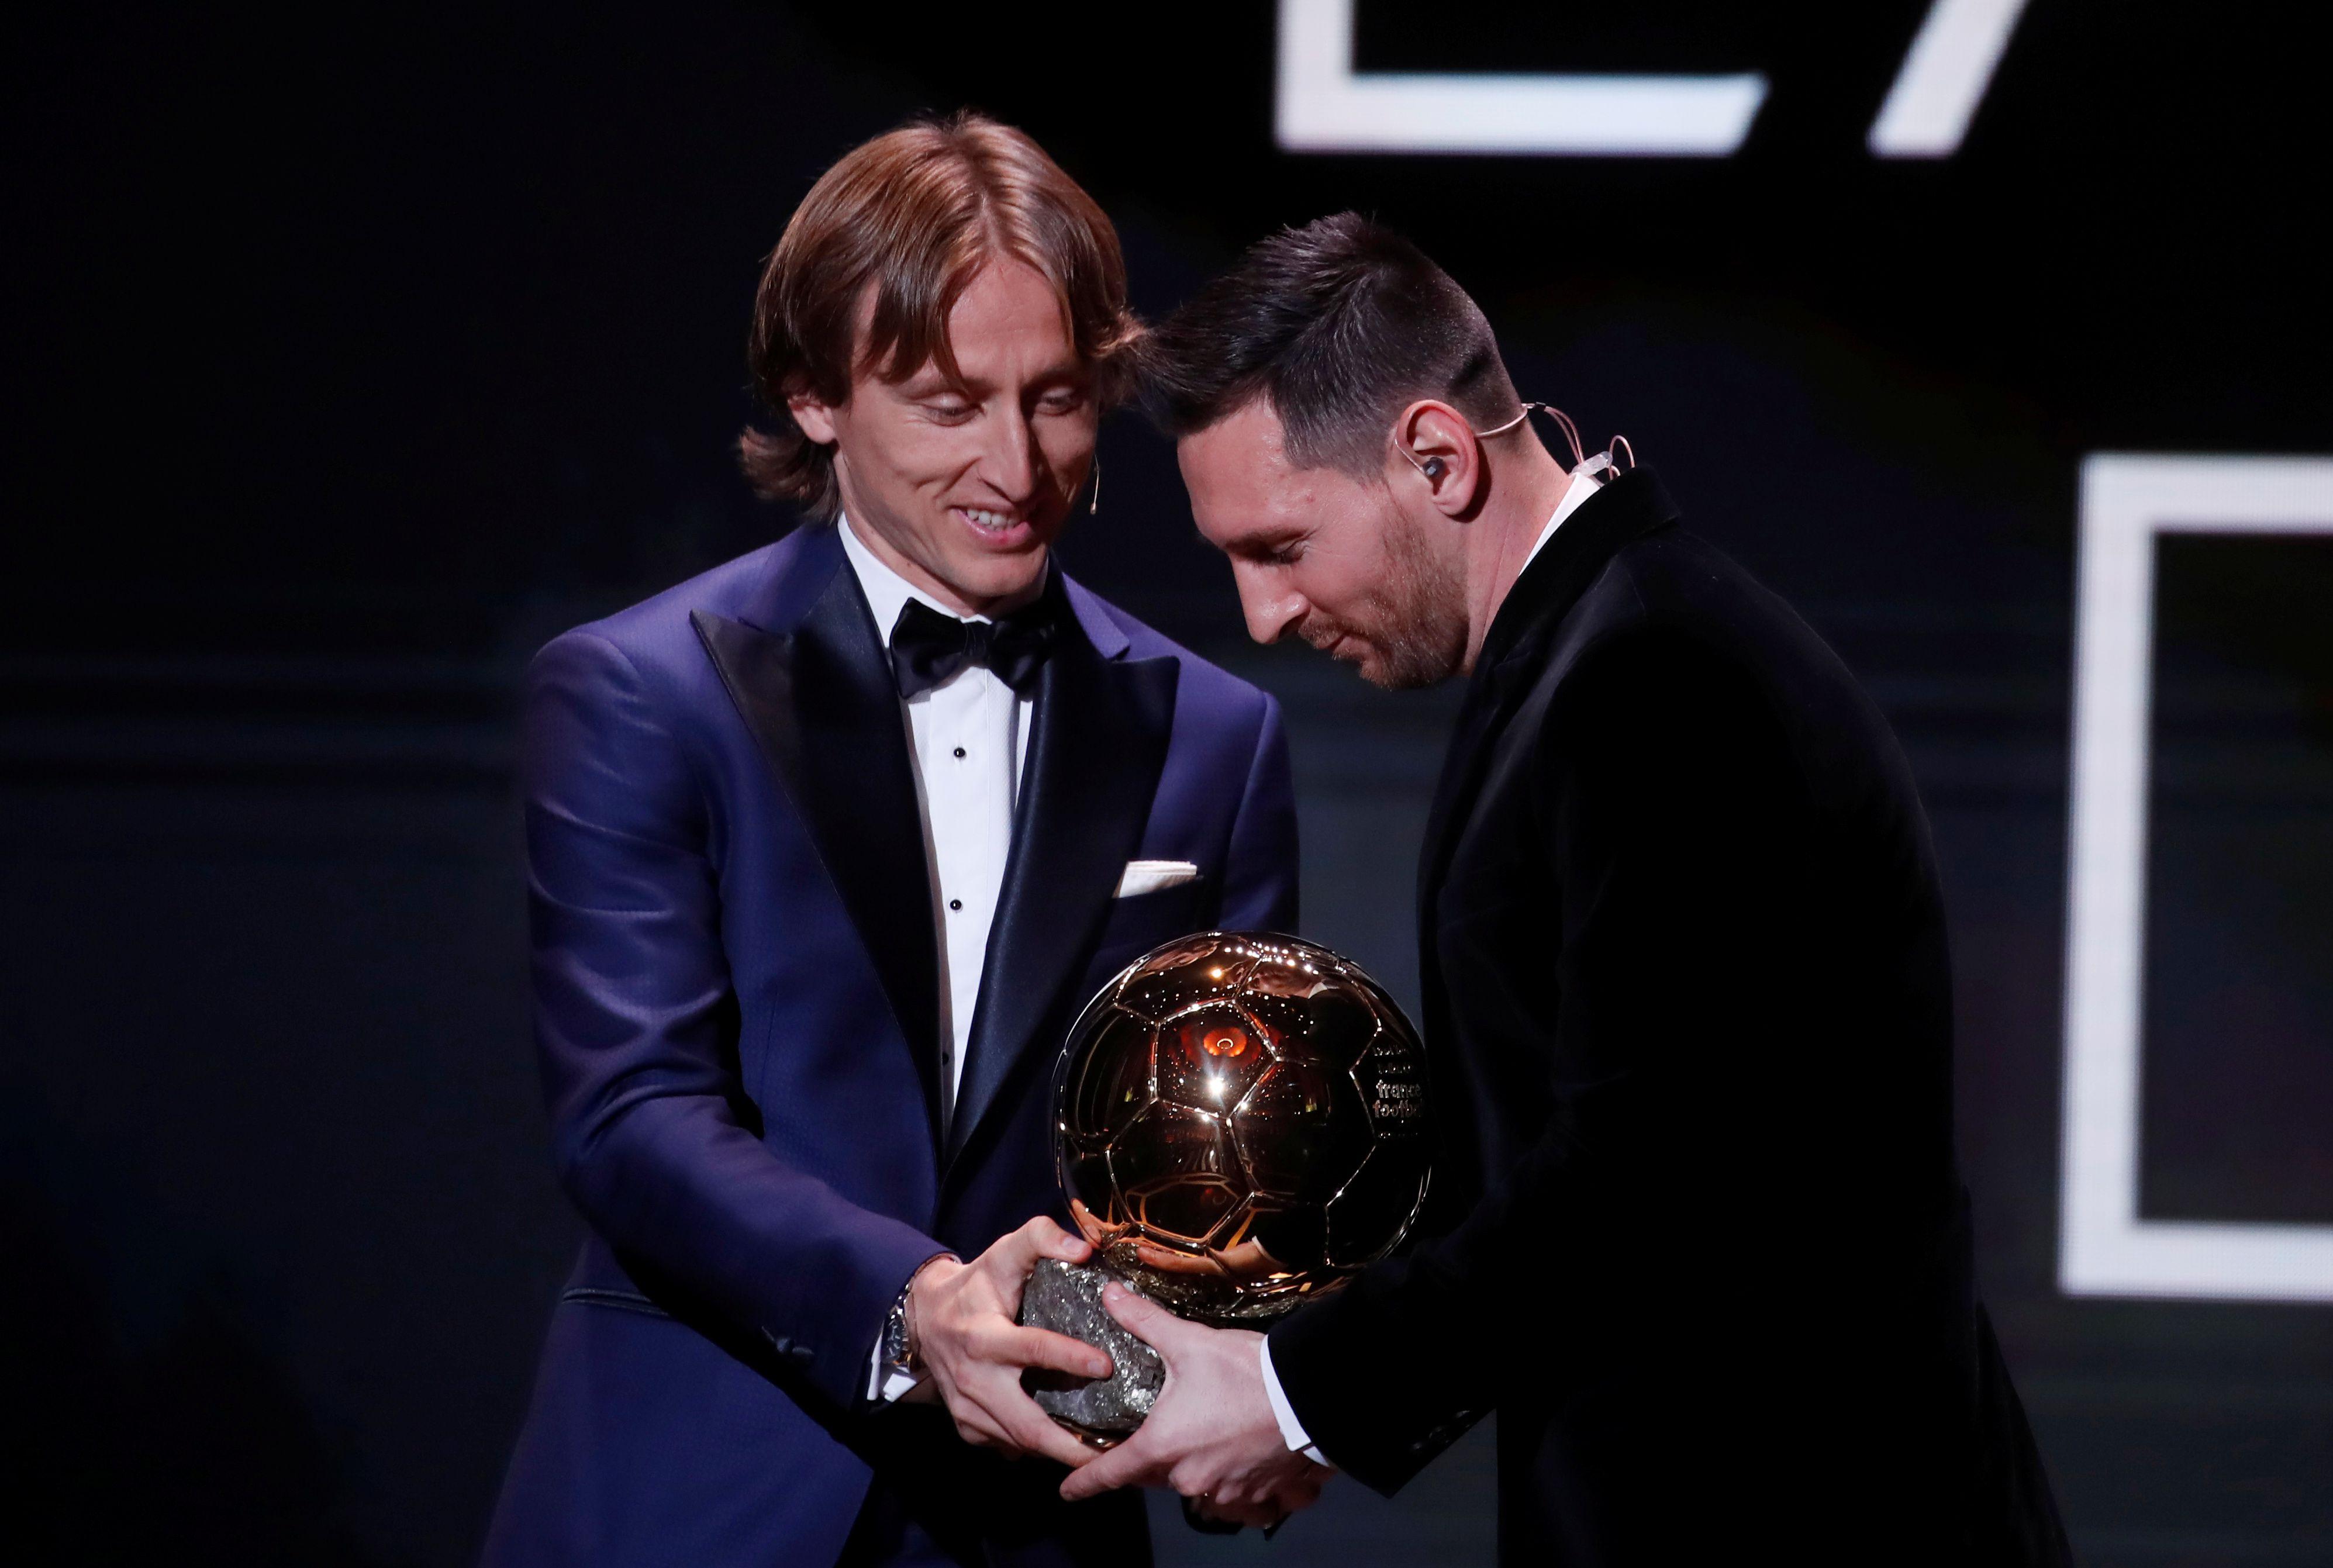 En 2018, Modric fue elegido como el mejor jugador del mundo (Reuters)